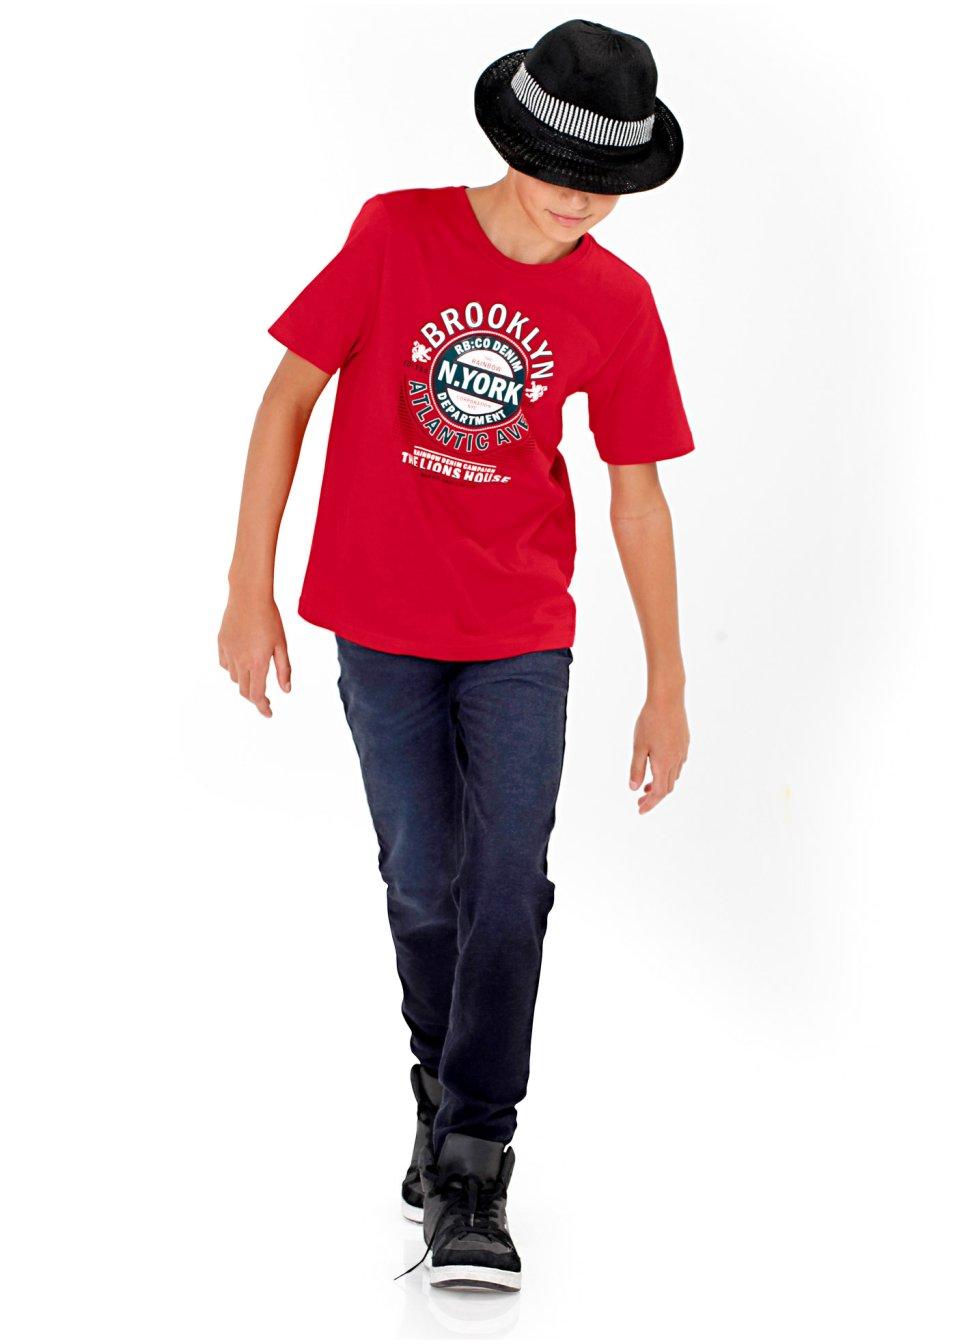 Bonprix À Soldes Vêtements Prix Chez EnfantDes Doux thQsrCxodB